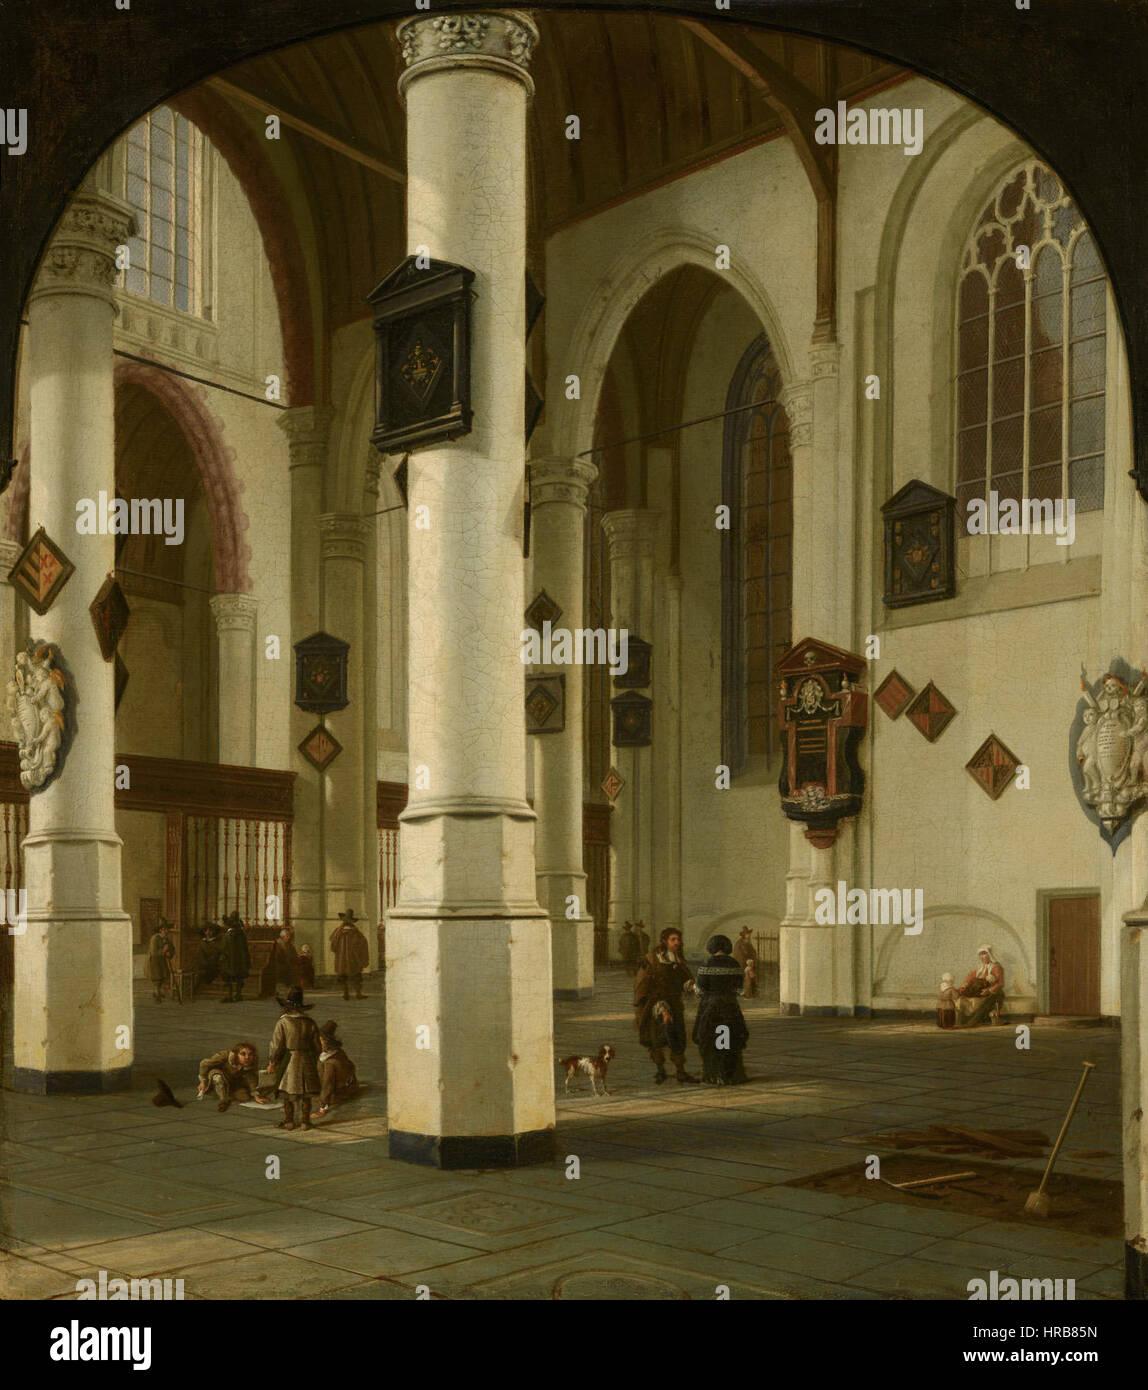 Van Vliet Stockfotos & Van Vliet Bilder - Seite 2 - Alamy